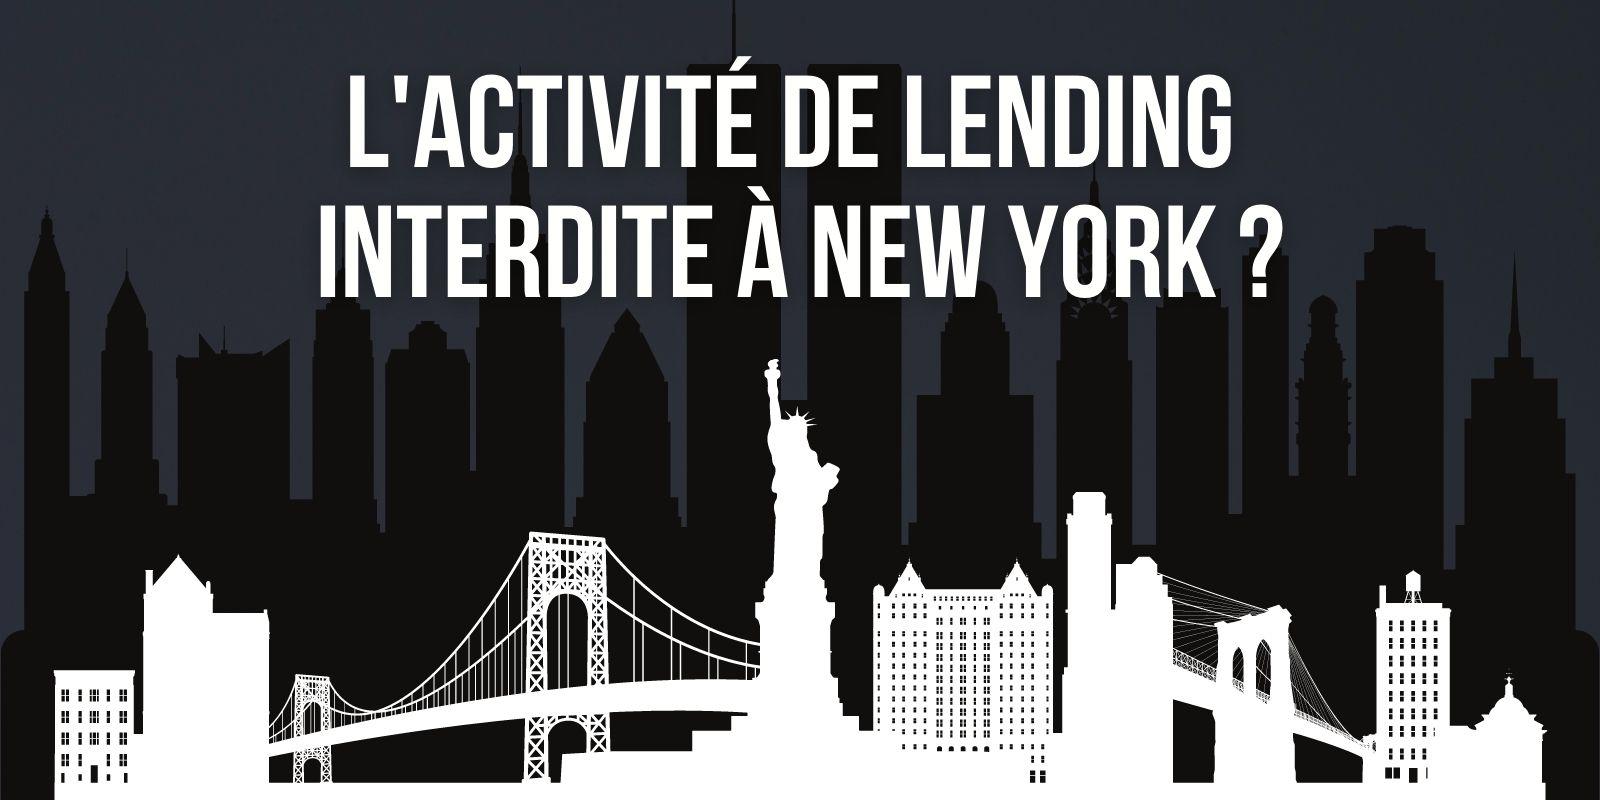 La procureure générale de New York exige l'arrêt de l'activité des plateformes de lending non enregistrées